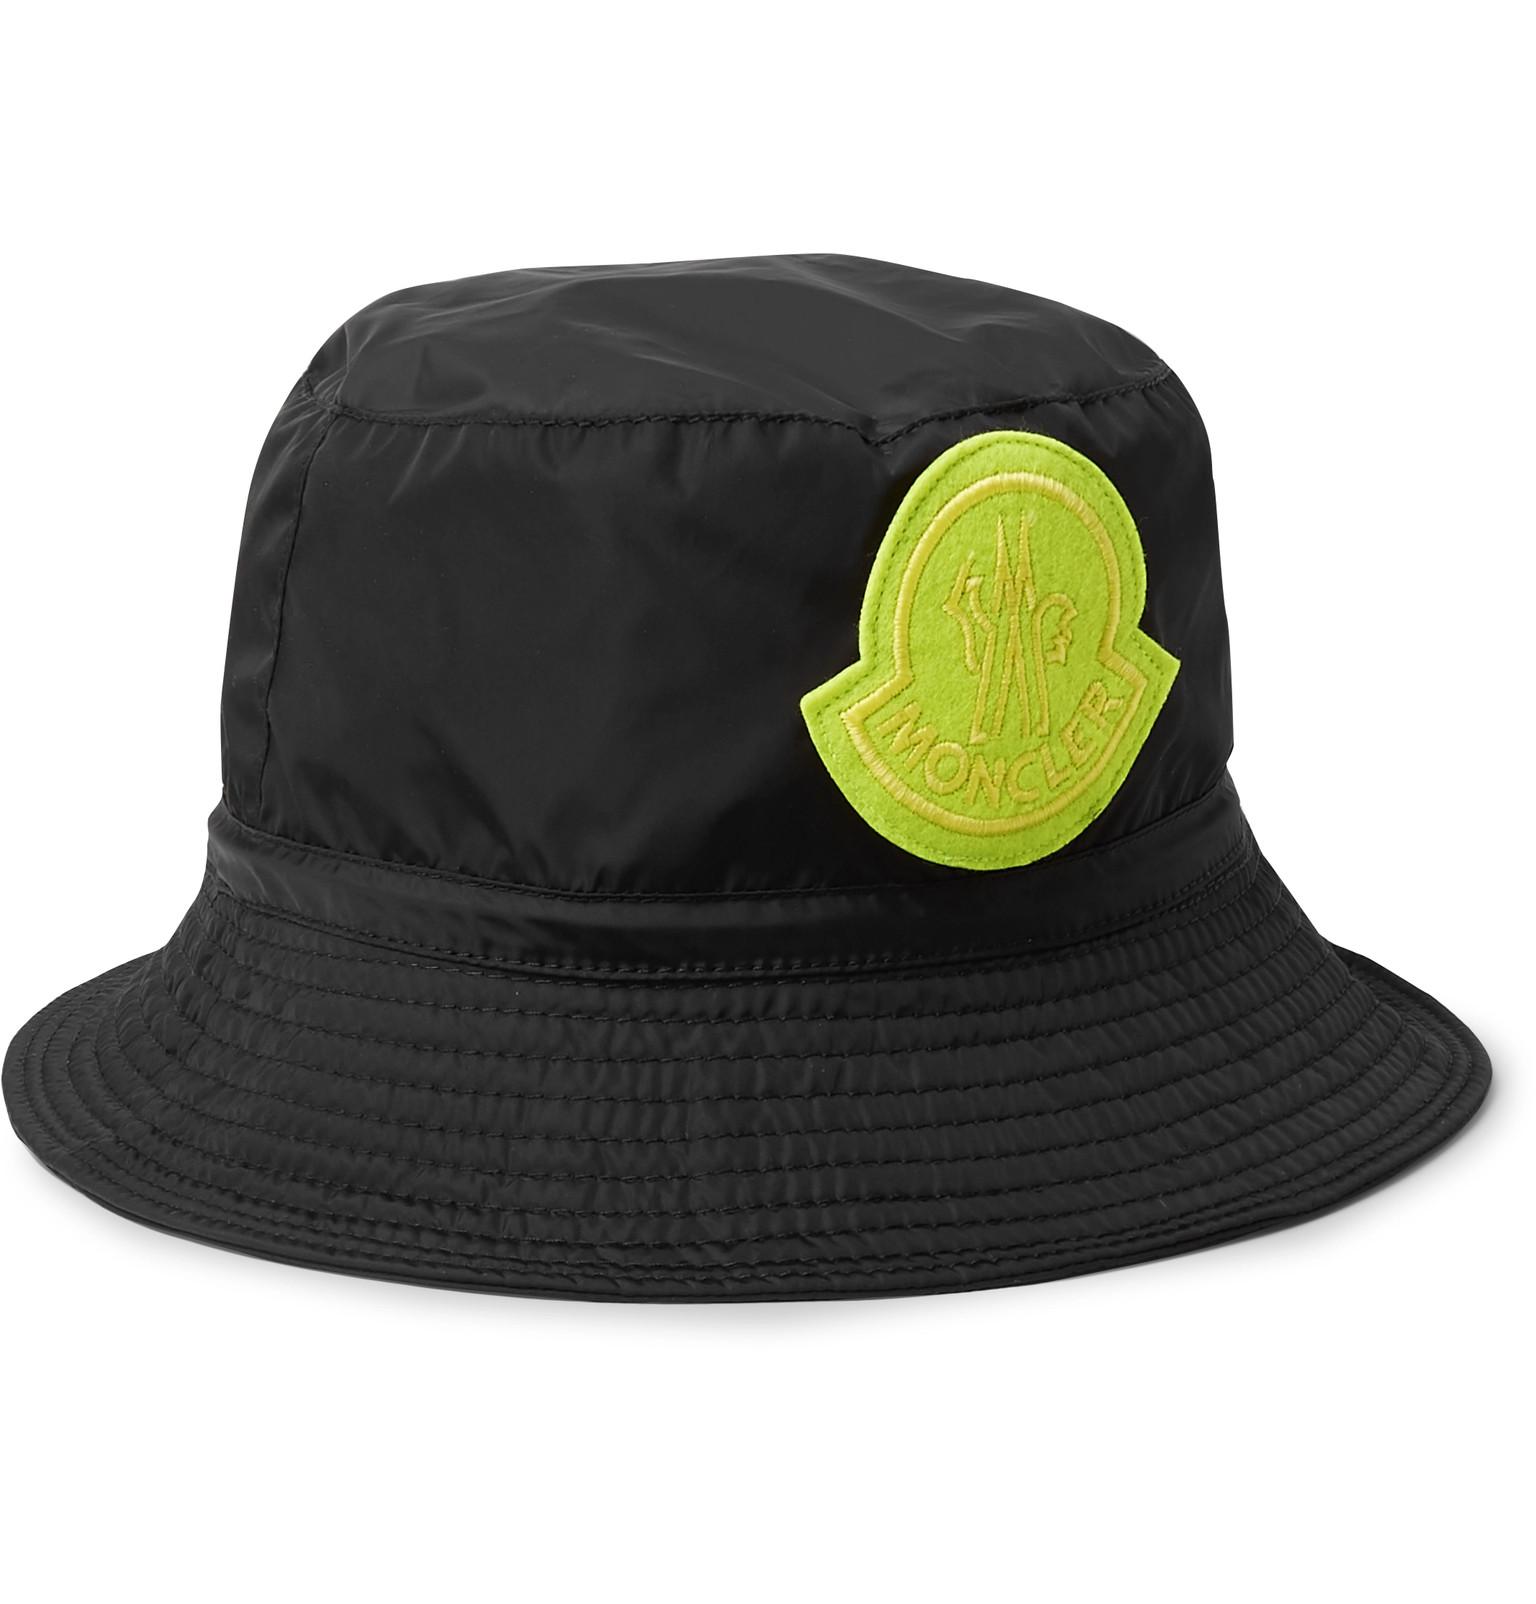 3f091c2294a Moncler Genius - 2 Moncler 1952 Logo-Appliquéd Nylon Bucket Hat